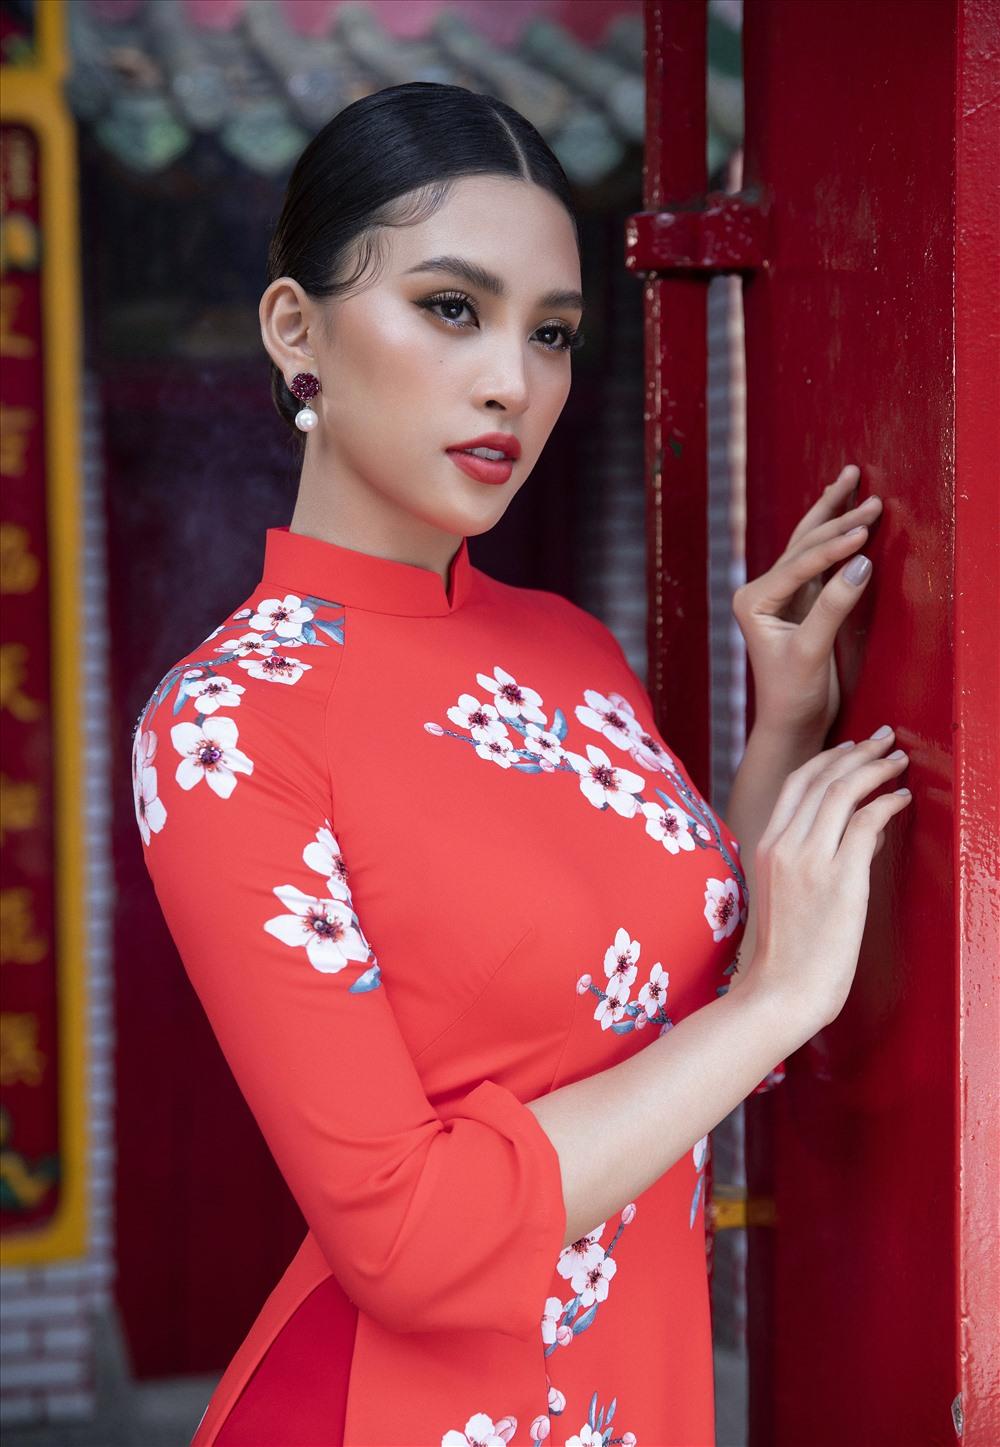 Hoa hậu Tiểu Vy đã diện trang phục áo dài truyền thống để hưởng ứng không khí rộn ràng cận kề ngày Tết. Ảnh: Lê Thiện Viễn.